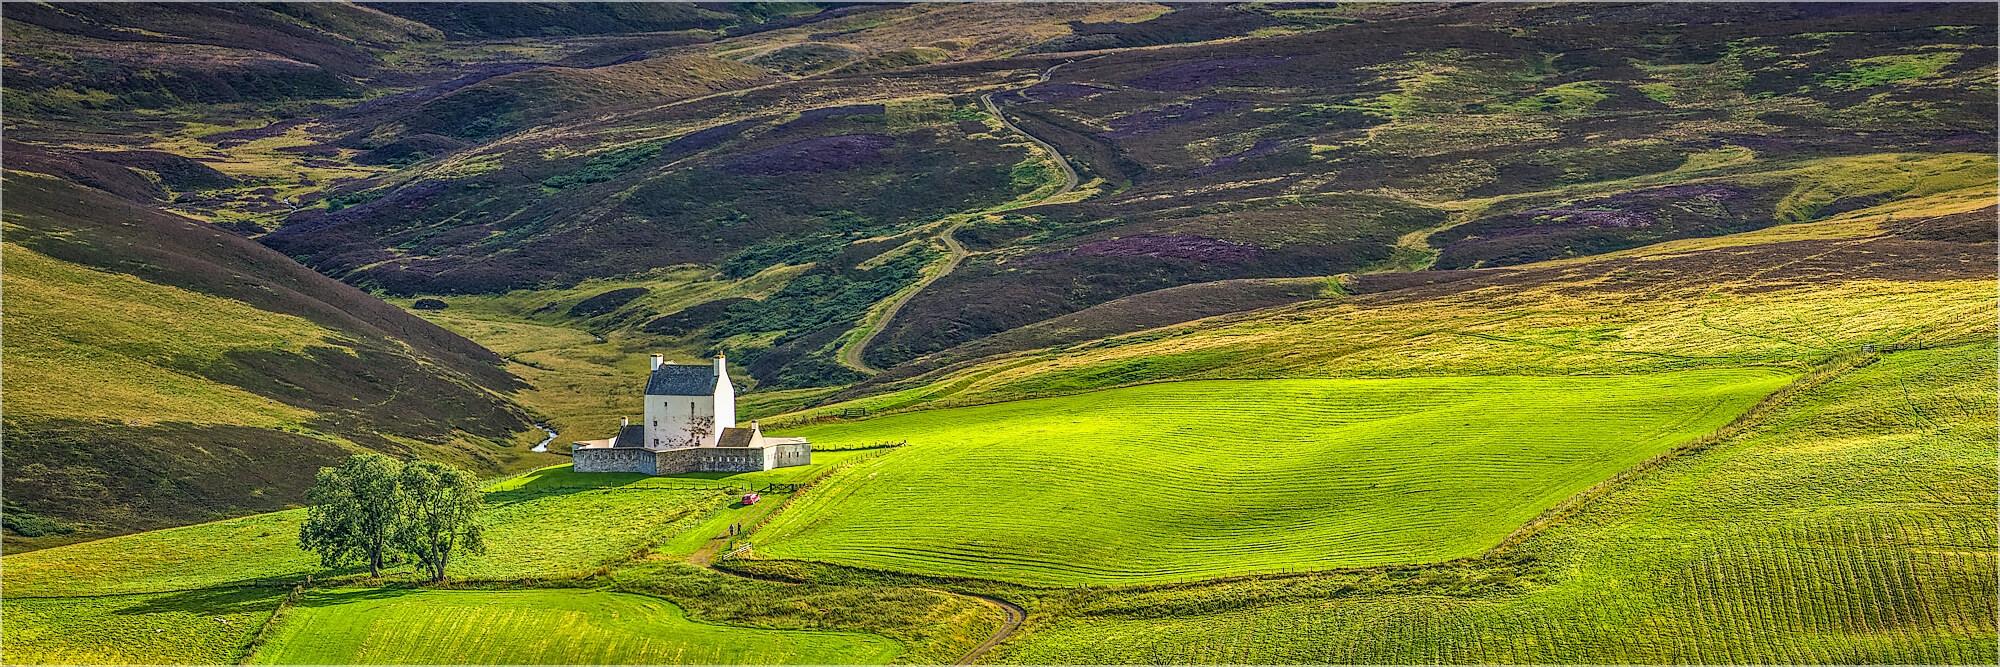 Panoramafoto Schottland Corgarff Castle Aberdeenshire